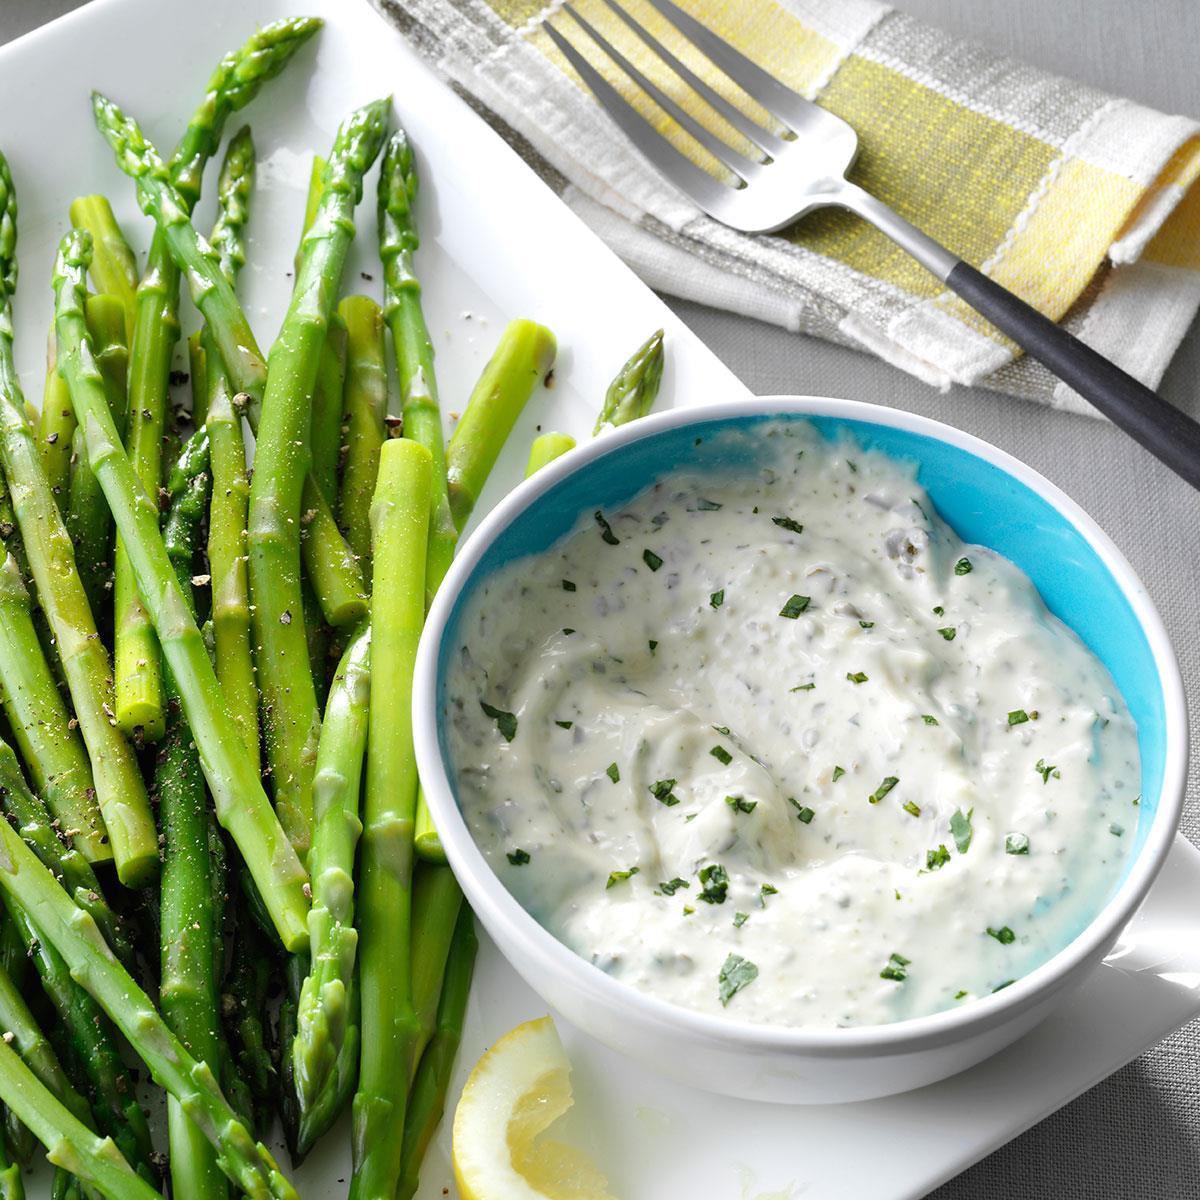 Sauce For Asparagus  Asparagus with Fresh Basil Sauce Recipe